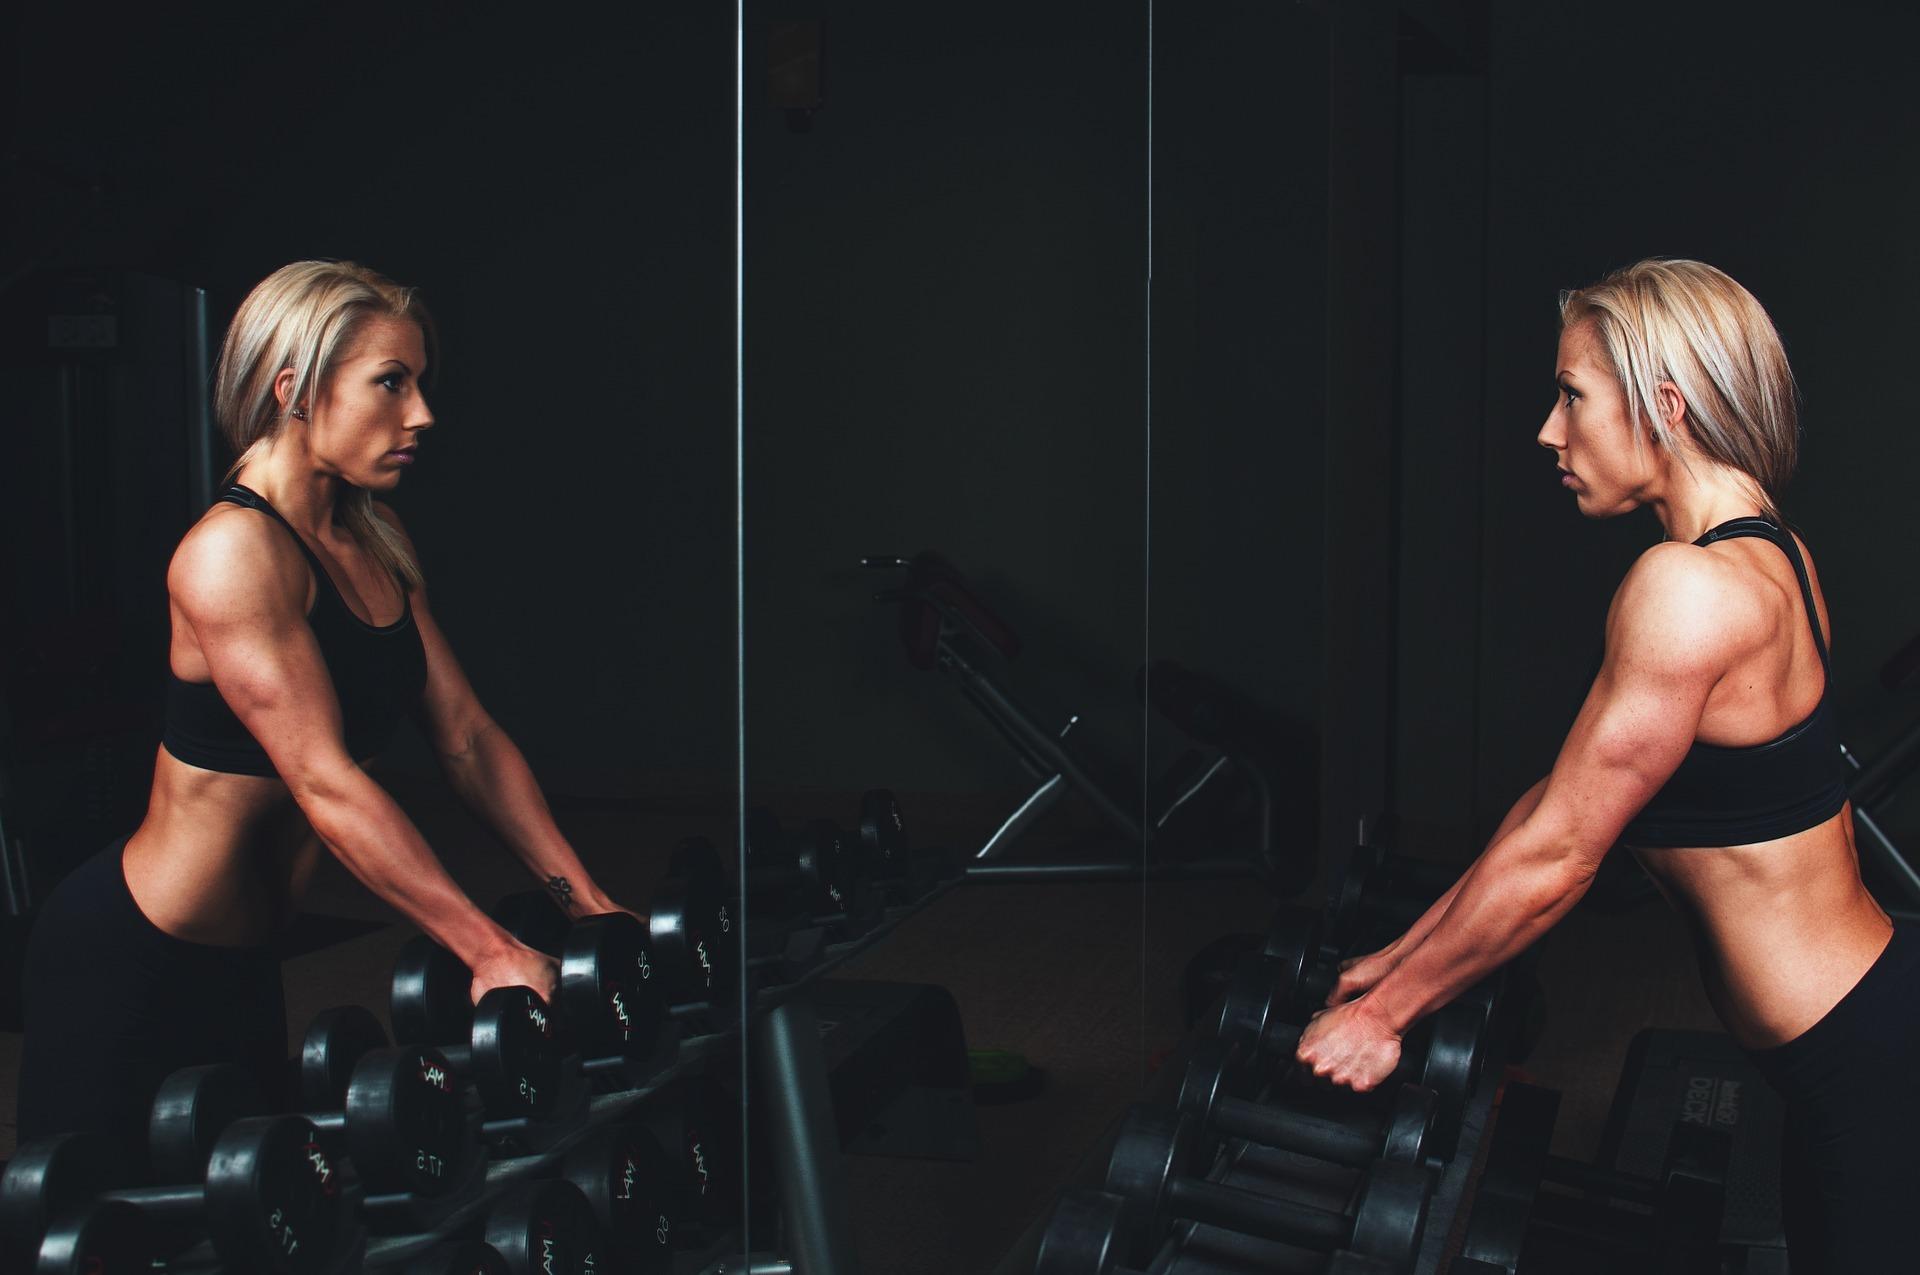 Opnå optimale resultater ved træning